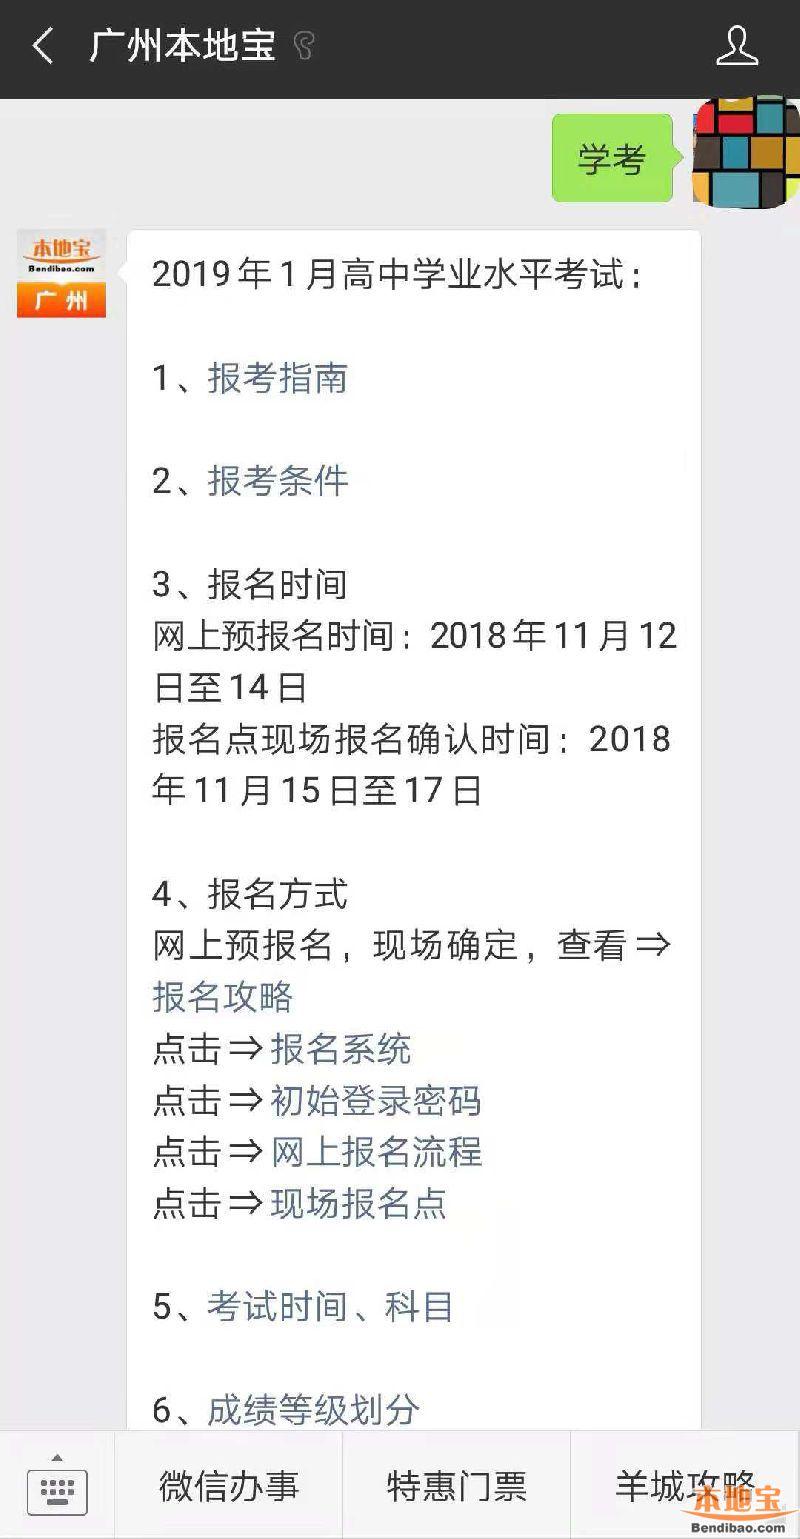 广东2019年1月高中学业水平考试广州报名攻略(时间+流程)(责编推荐:数学试题jxfudao.com/xuesheng)